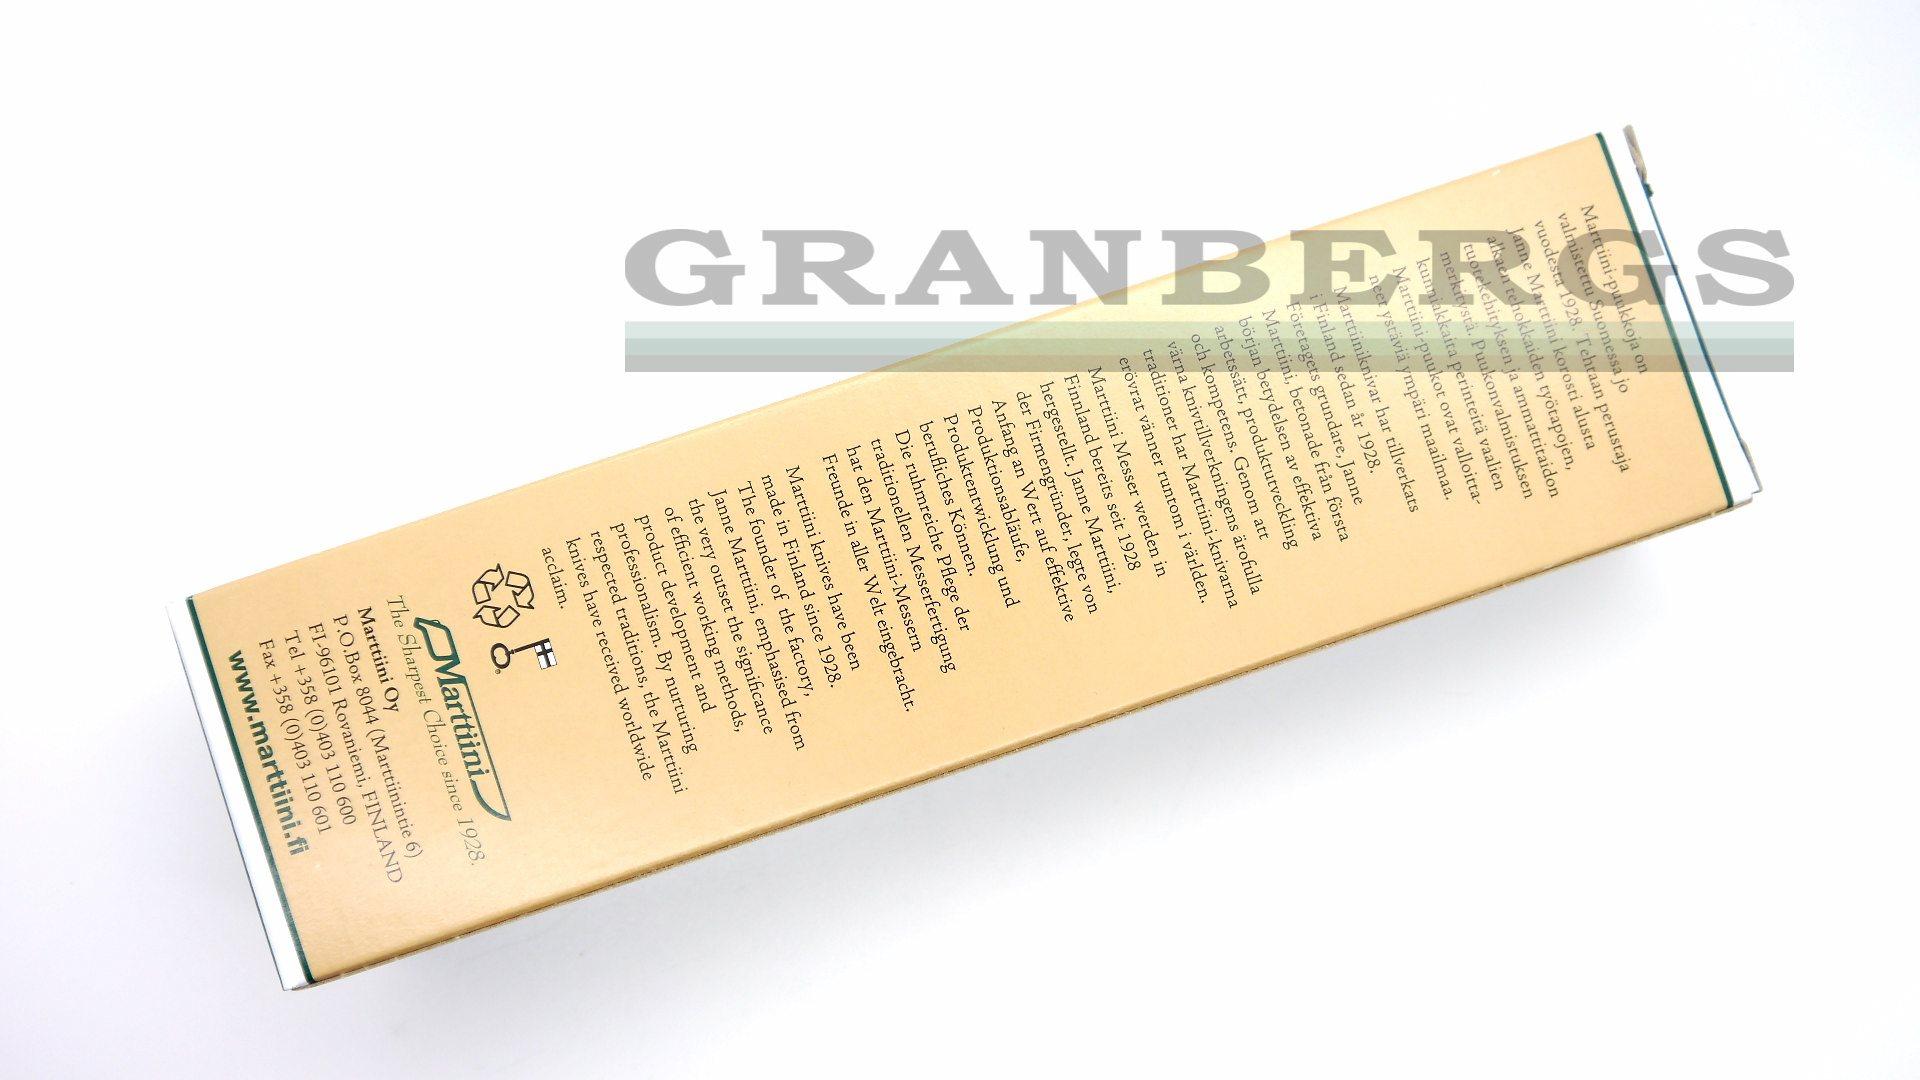 Granbergs - Marttiini 121010 Ilvespuukko Lynx 121 Knife